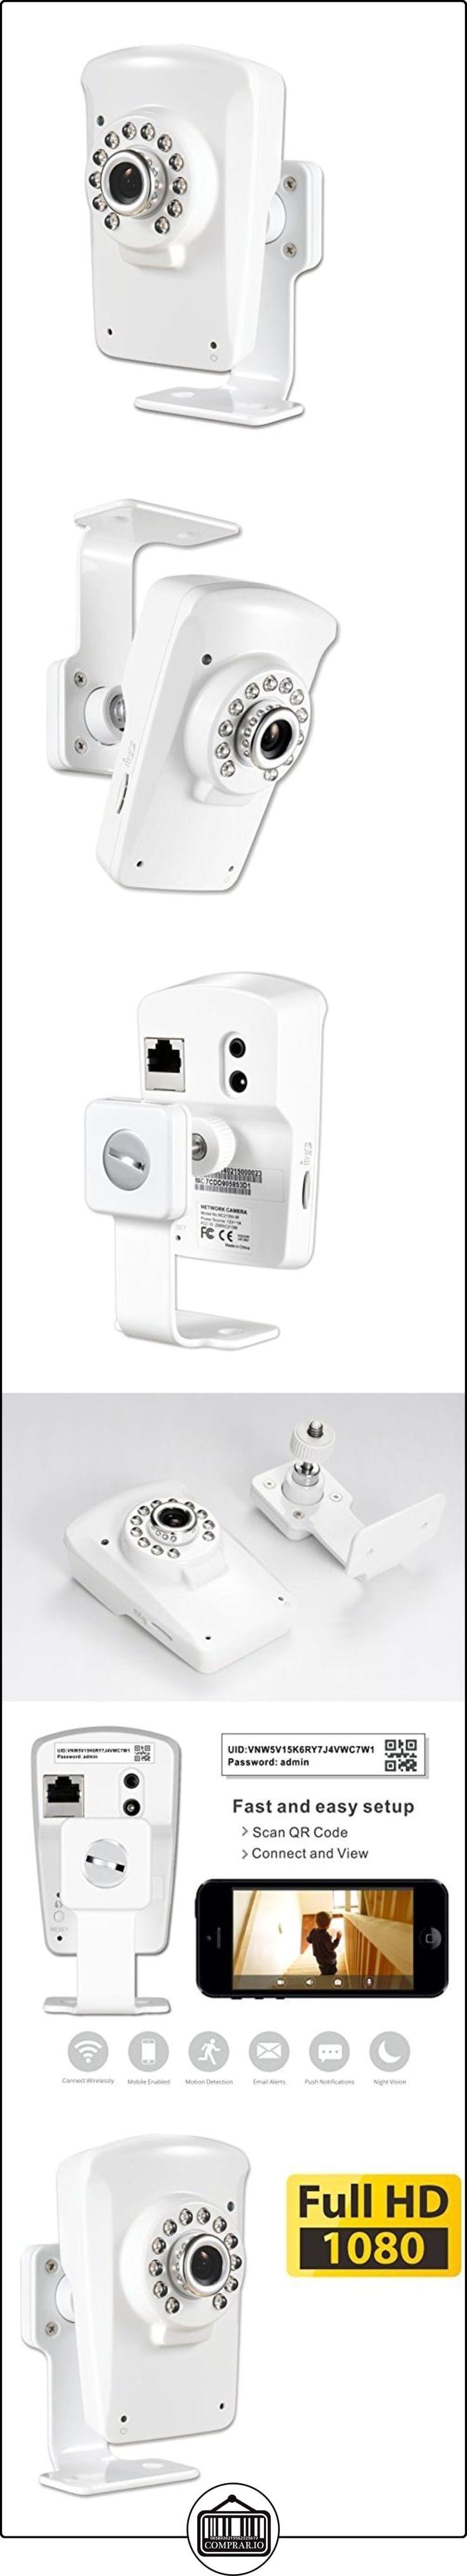 PHYLINK Cube HD, inalámbrico IP cámara de seguridad WiFi, 1080p Full HD, visión nocturna por infrarrojos, integrado DVR ampliable a 128GB con reproducción remota, detección de movimiento, correo electrónico Alert, aplicaciones gratuitas para iOS/Android dispositivo, ideal como monitor en casa o vídeo Baby Monitor  ✿ Vigilabebés - Seguridad ✿ ▬► Ver oferta: http://comprar.io/goto/B00Q9J8CPQ